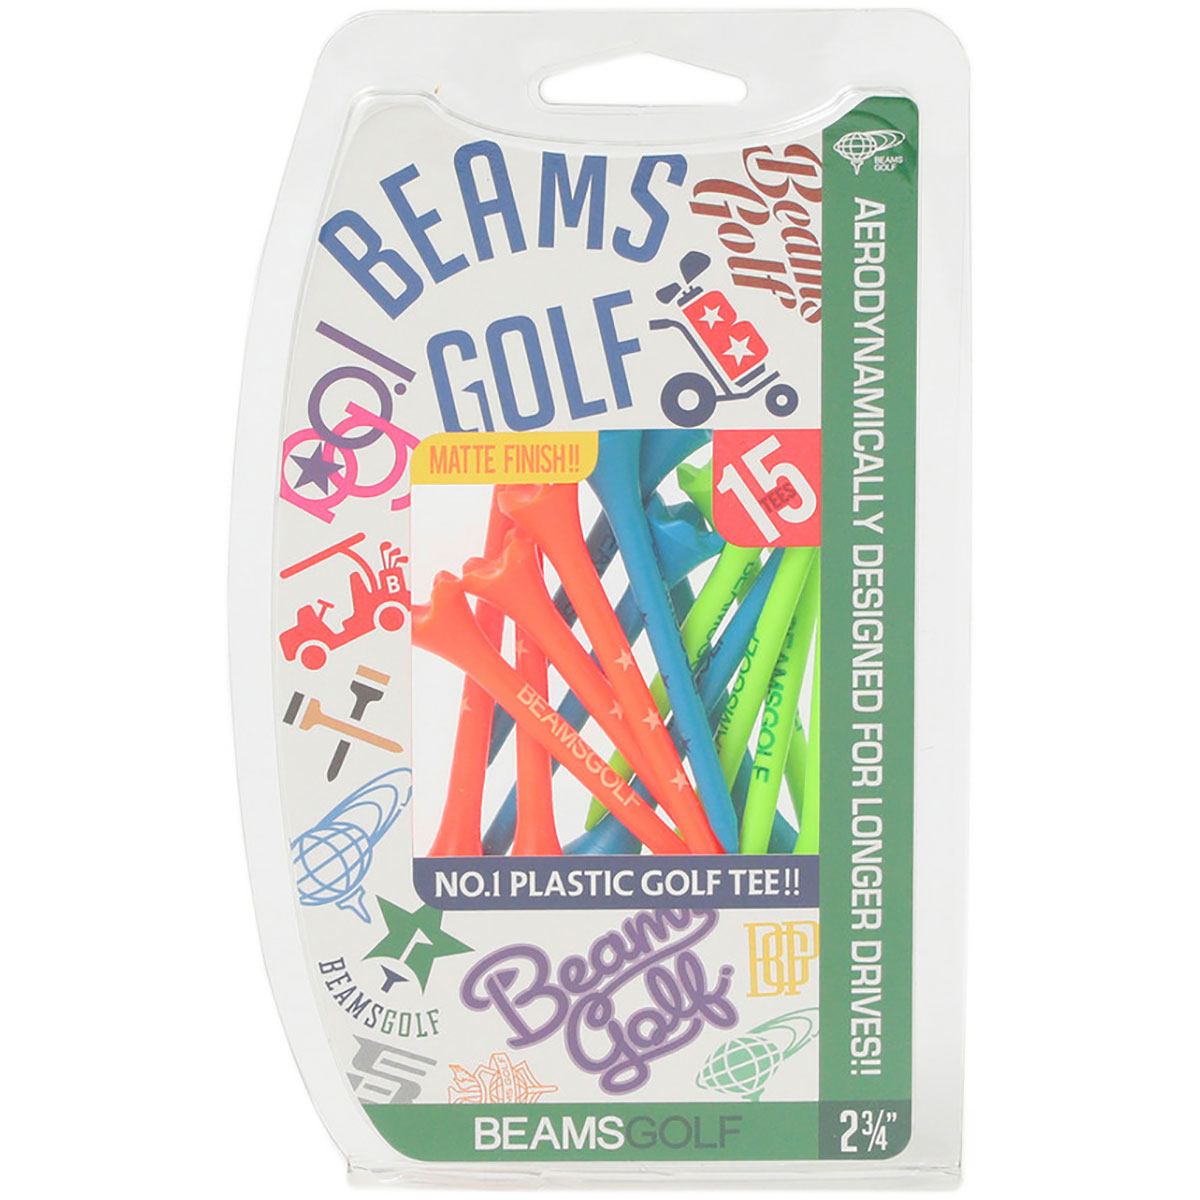 BEAMS GOLF オリジナル パフォーマンス ティー(69mm)